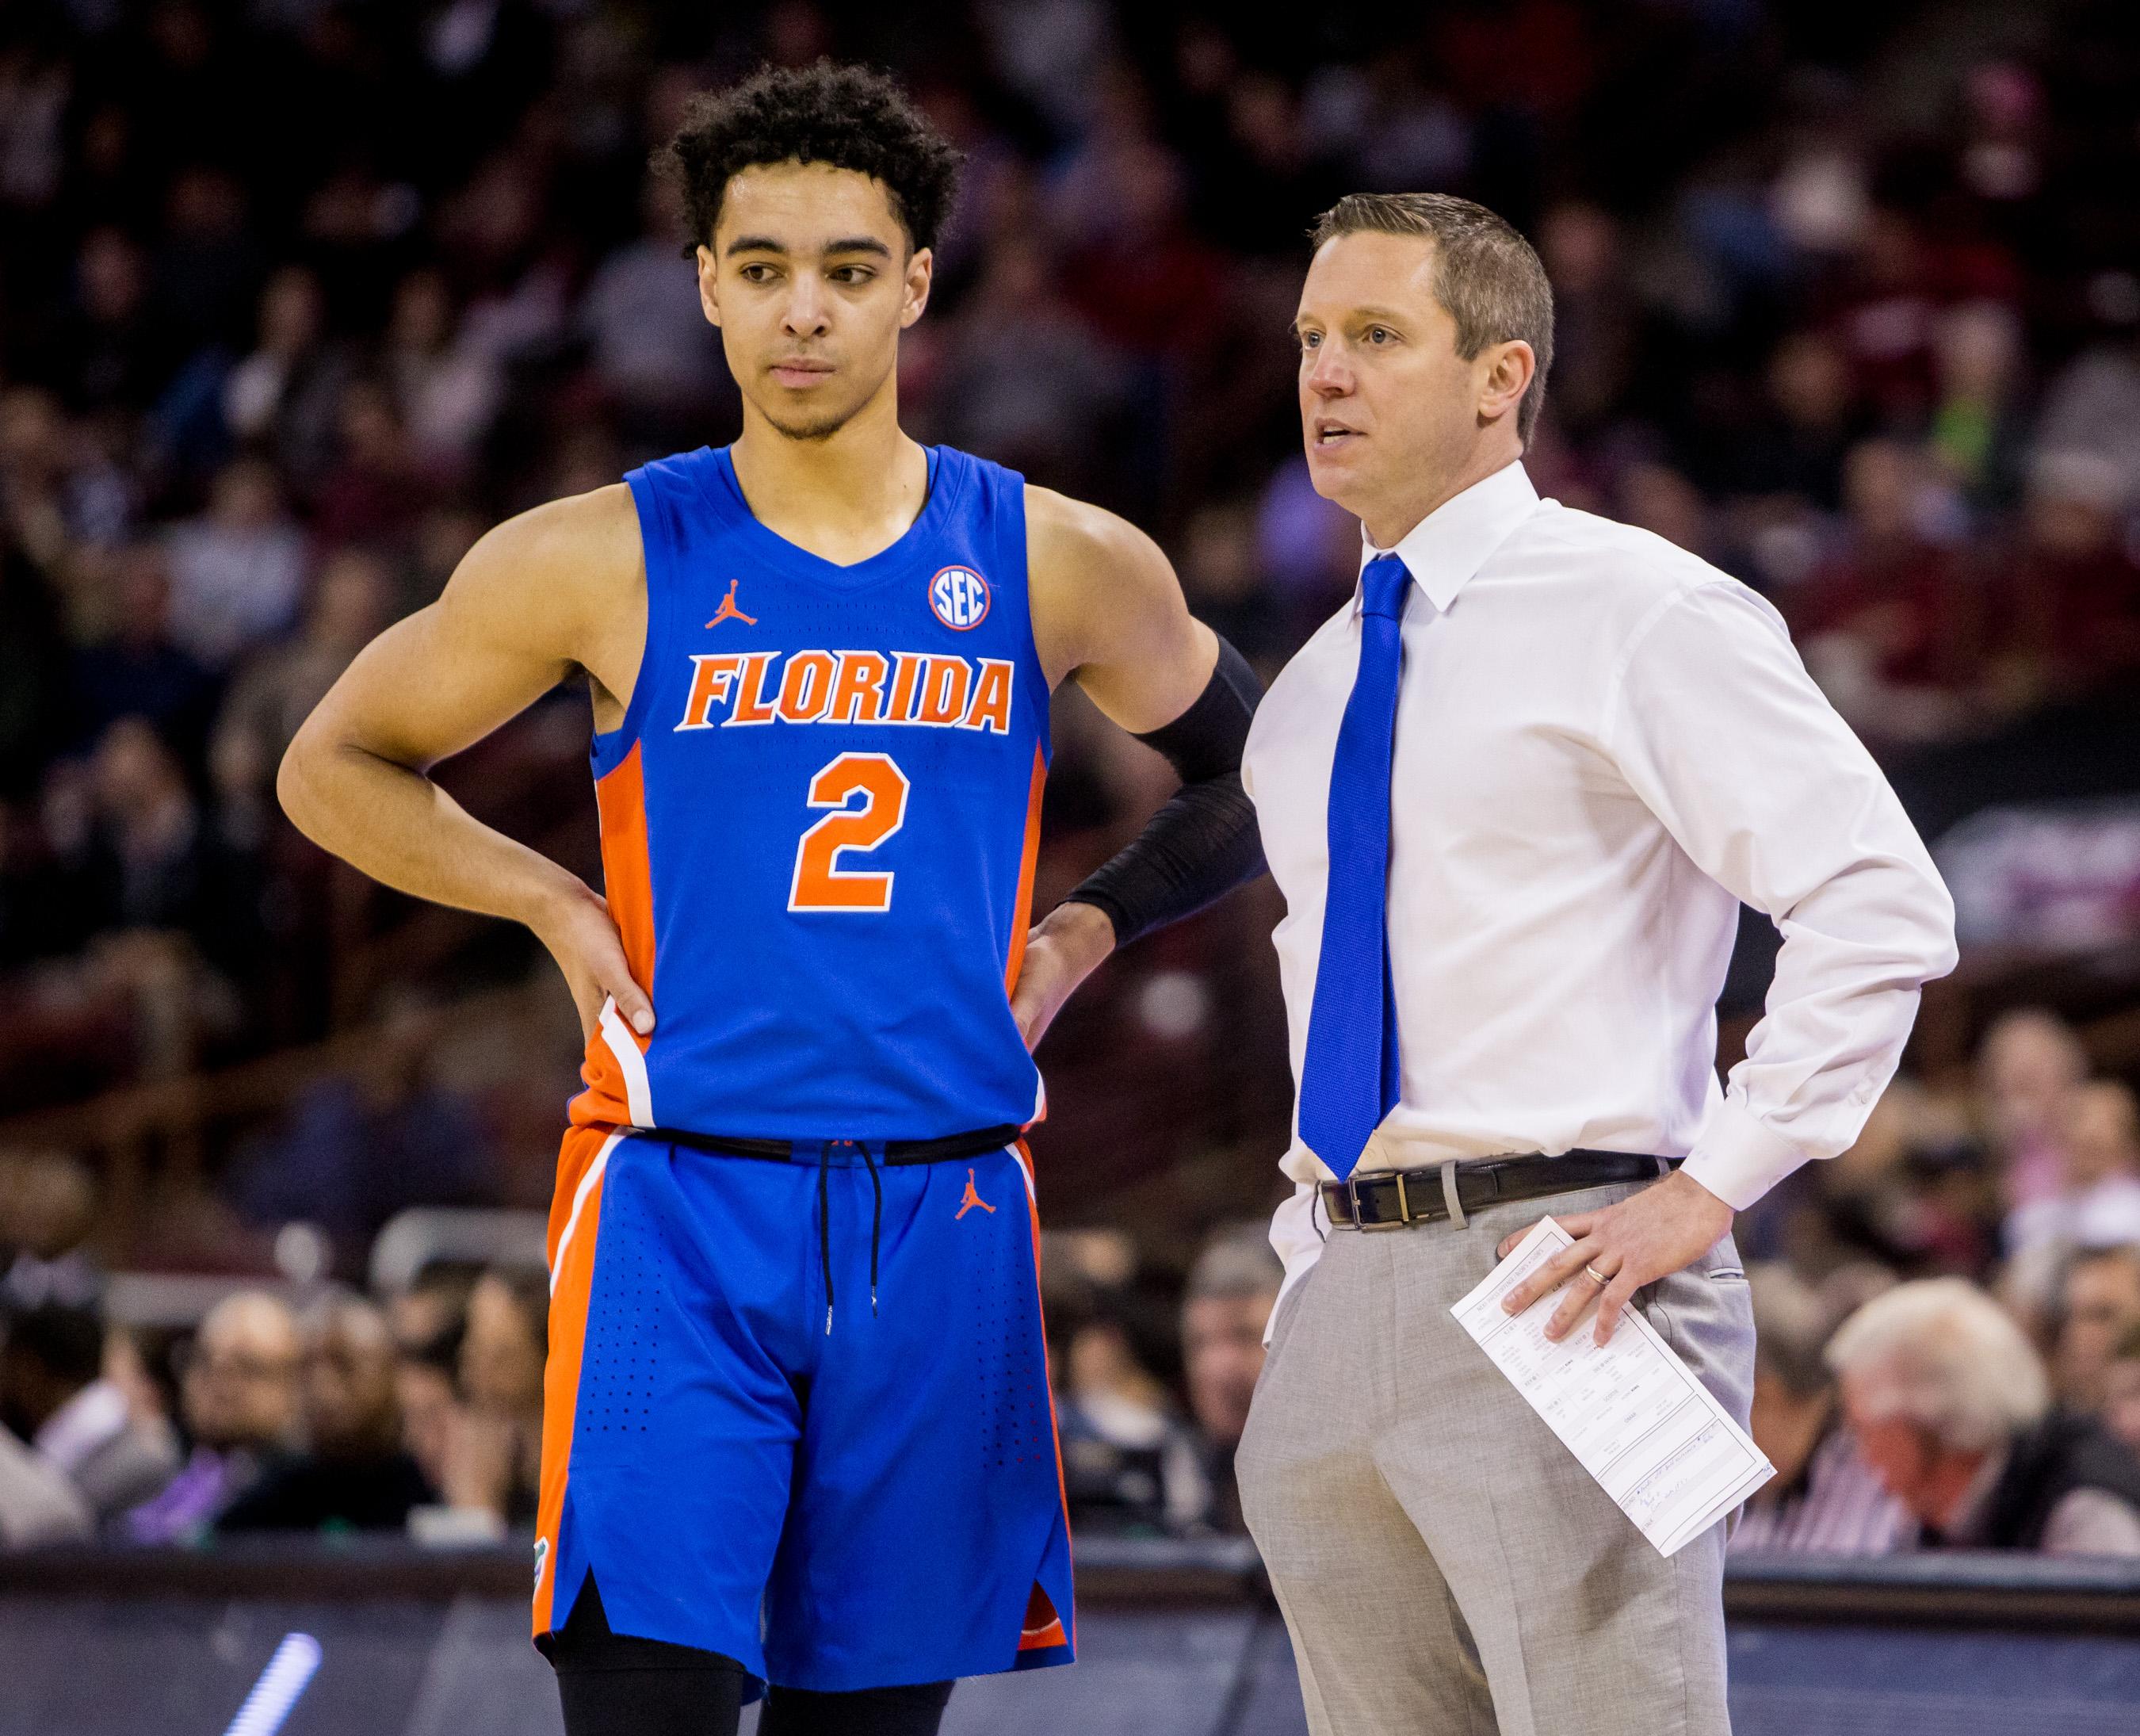 NCAA Basketball: Florida at South Carolina